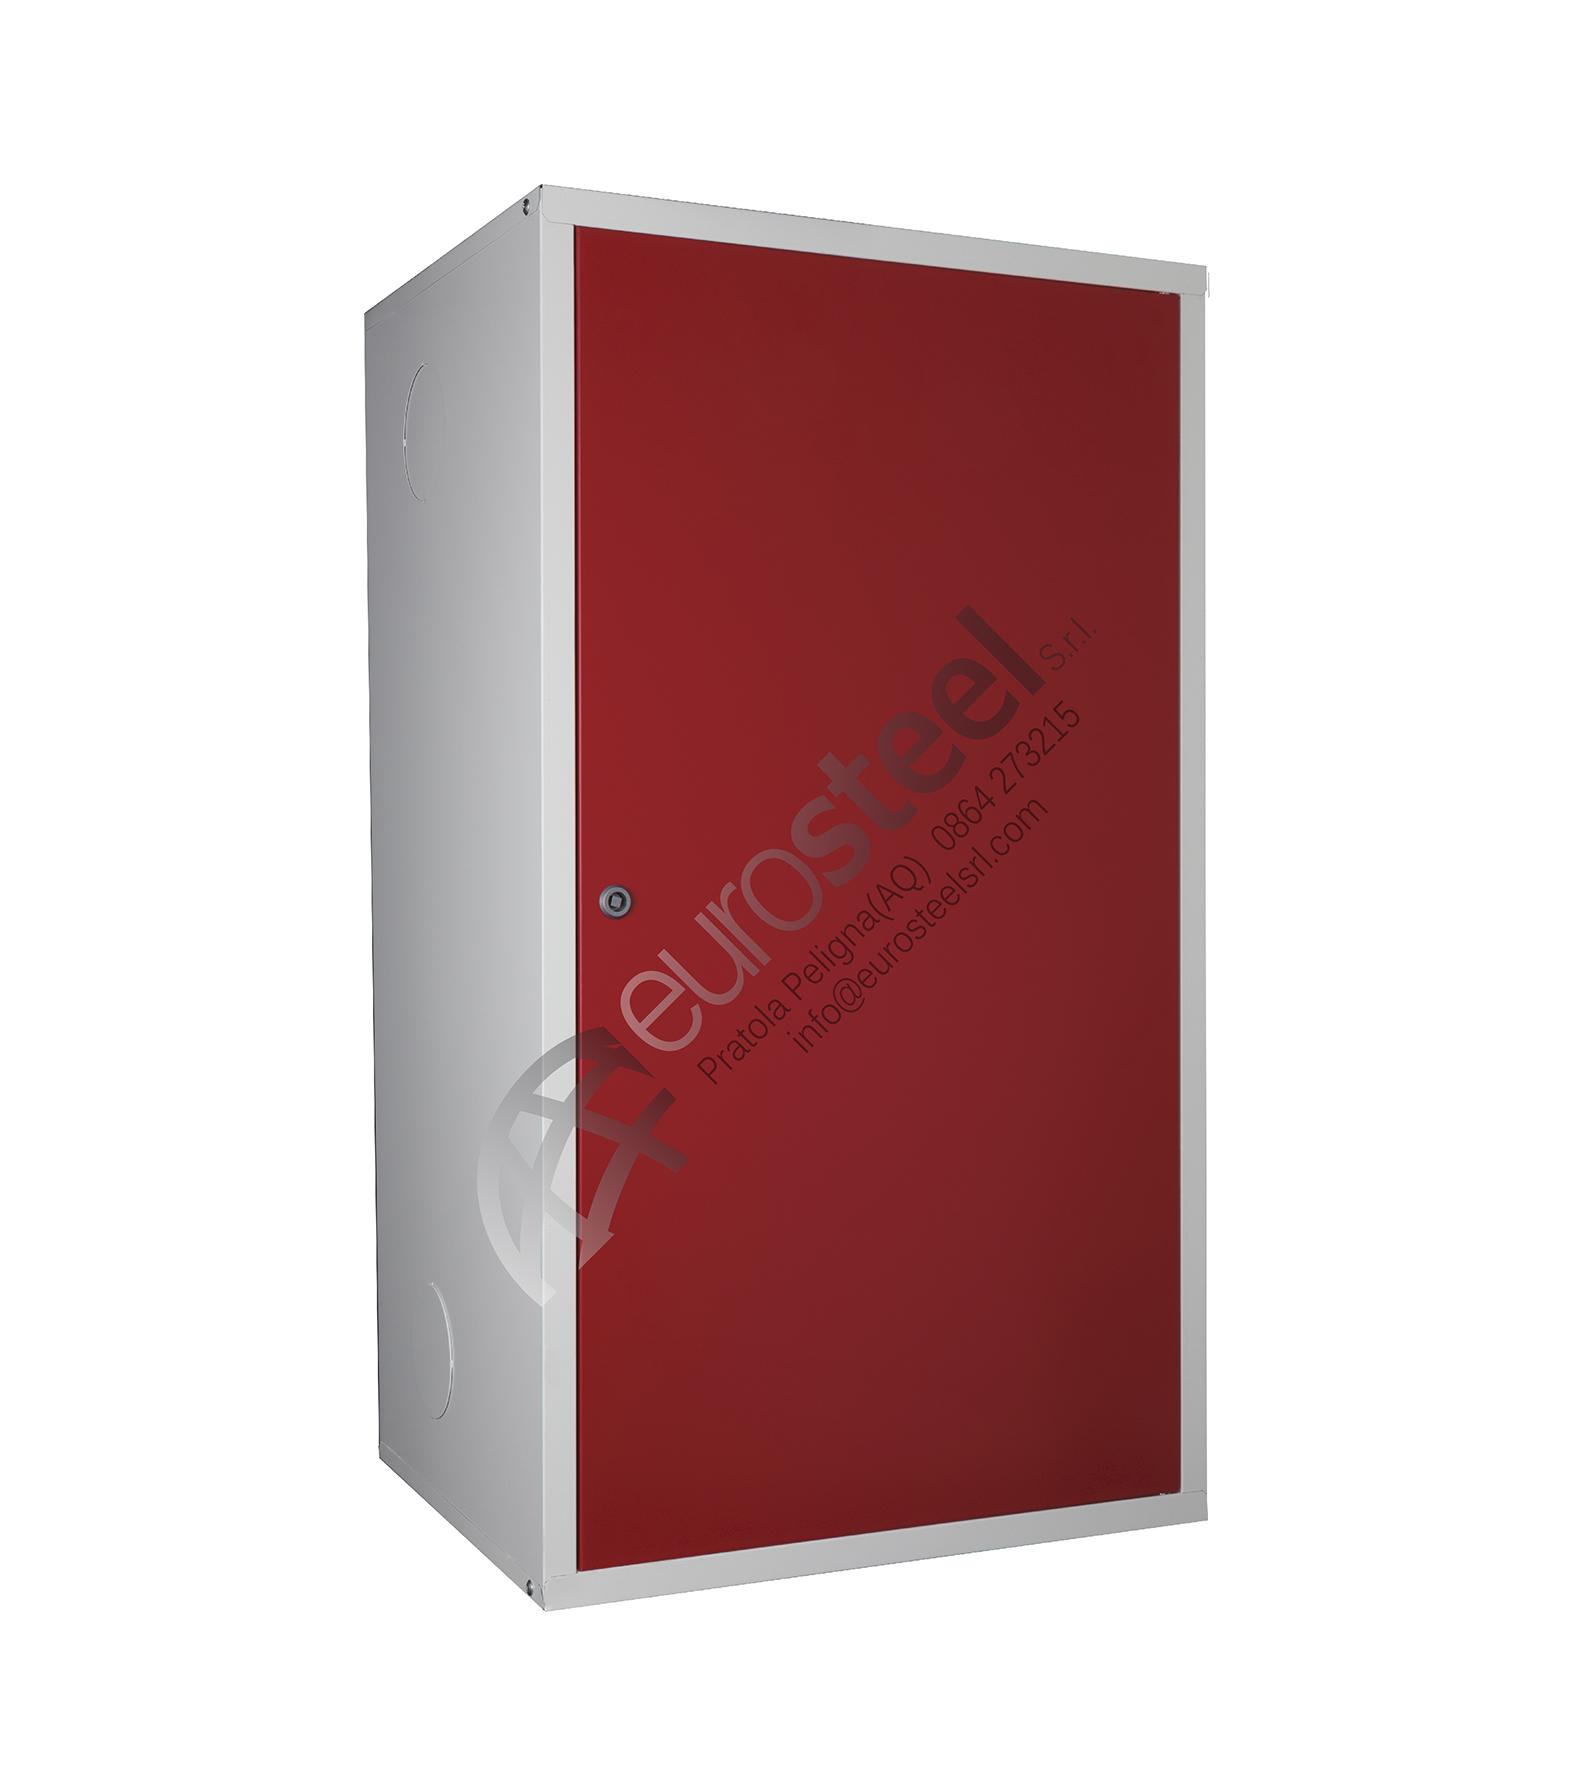 copricaldaia porta rossa